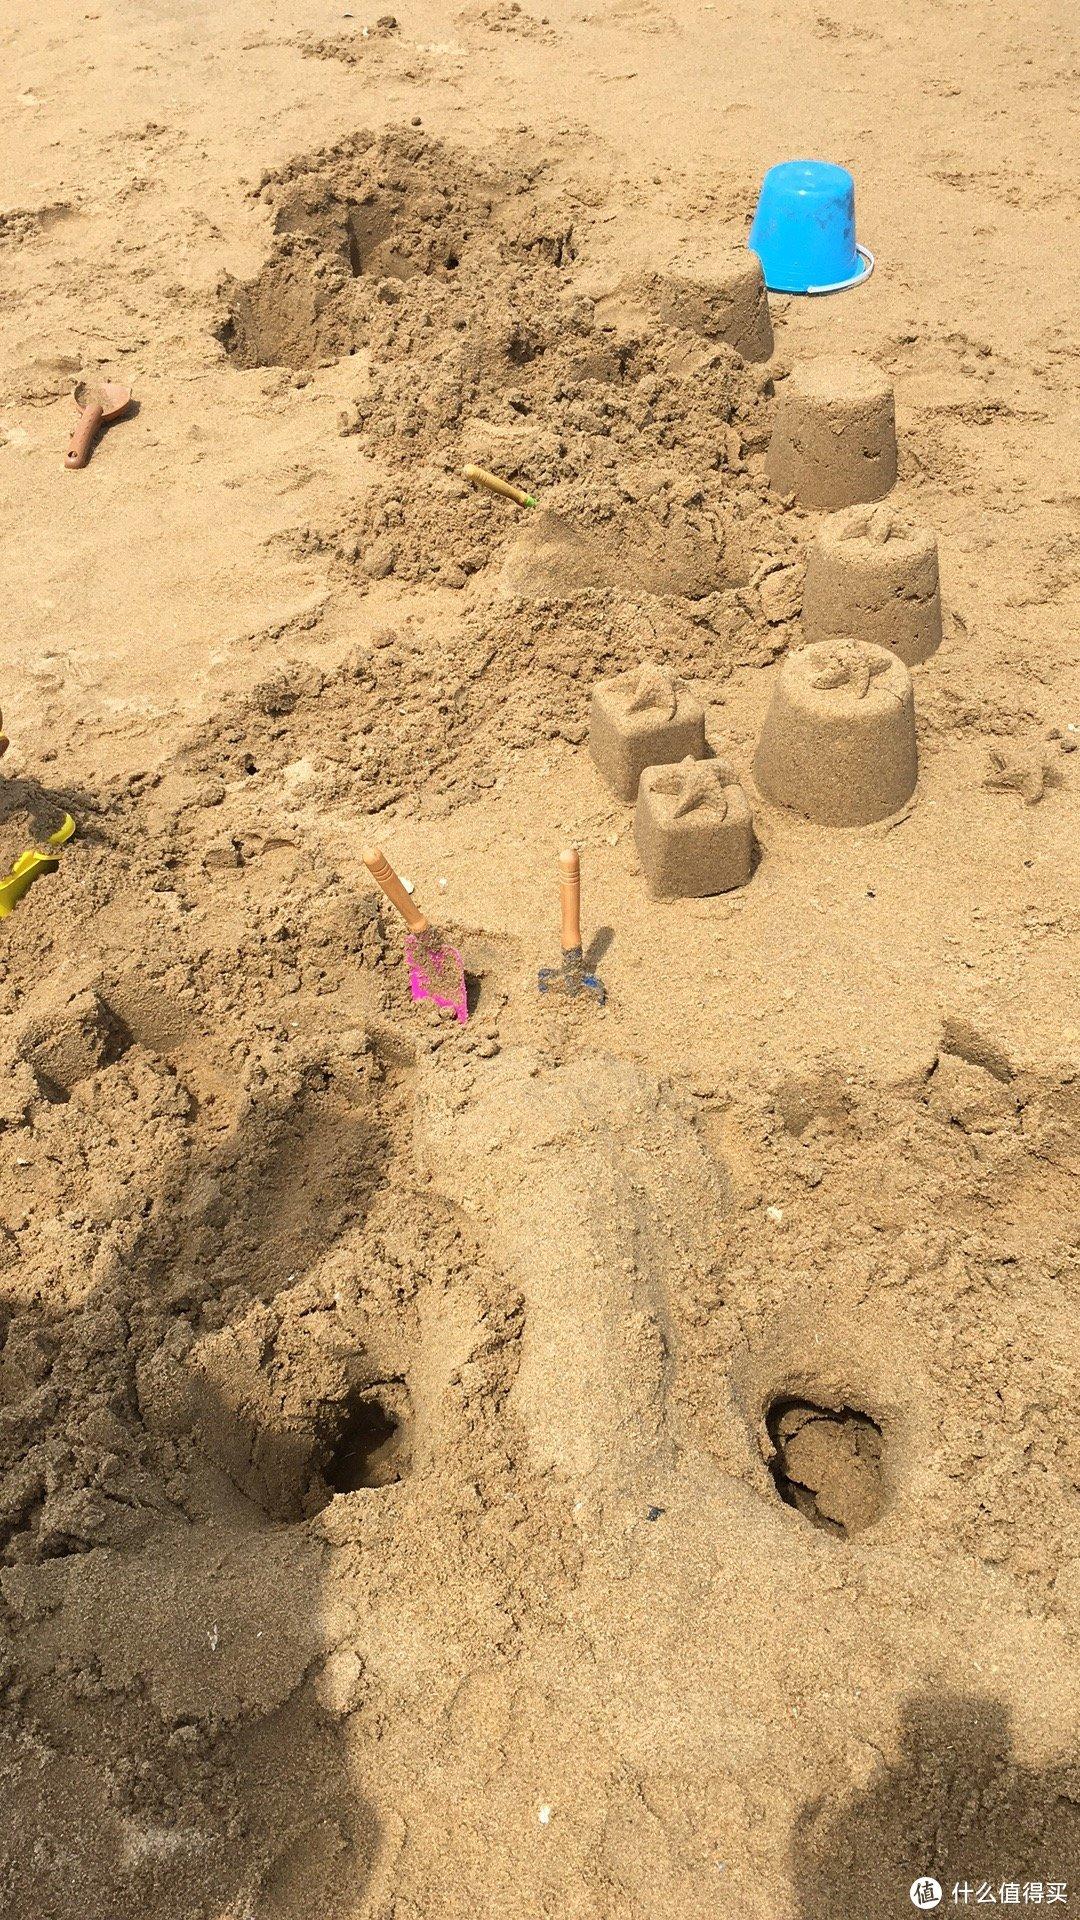 沙子又细又软,黏性很强,太适合垒城堡了。带娃玩沙子的不二之选。